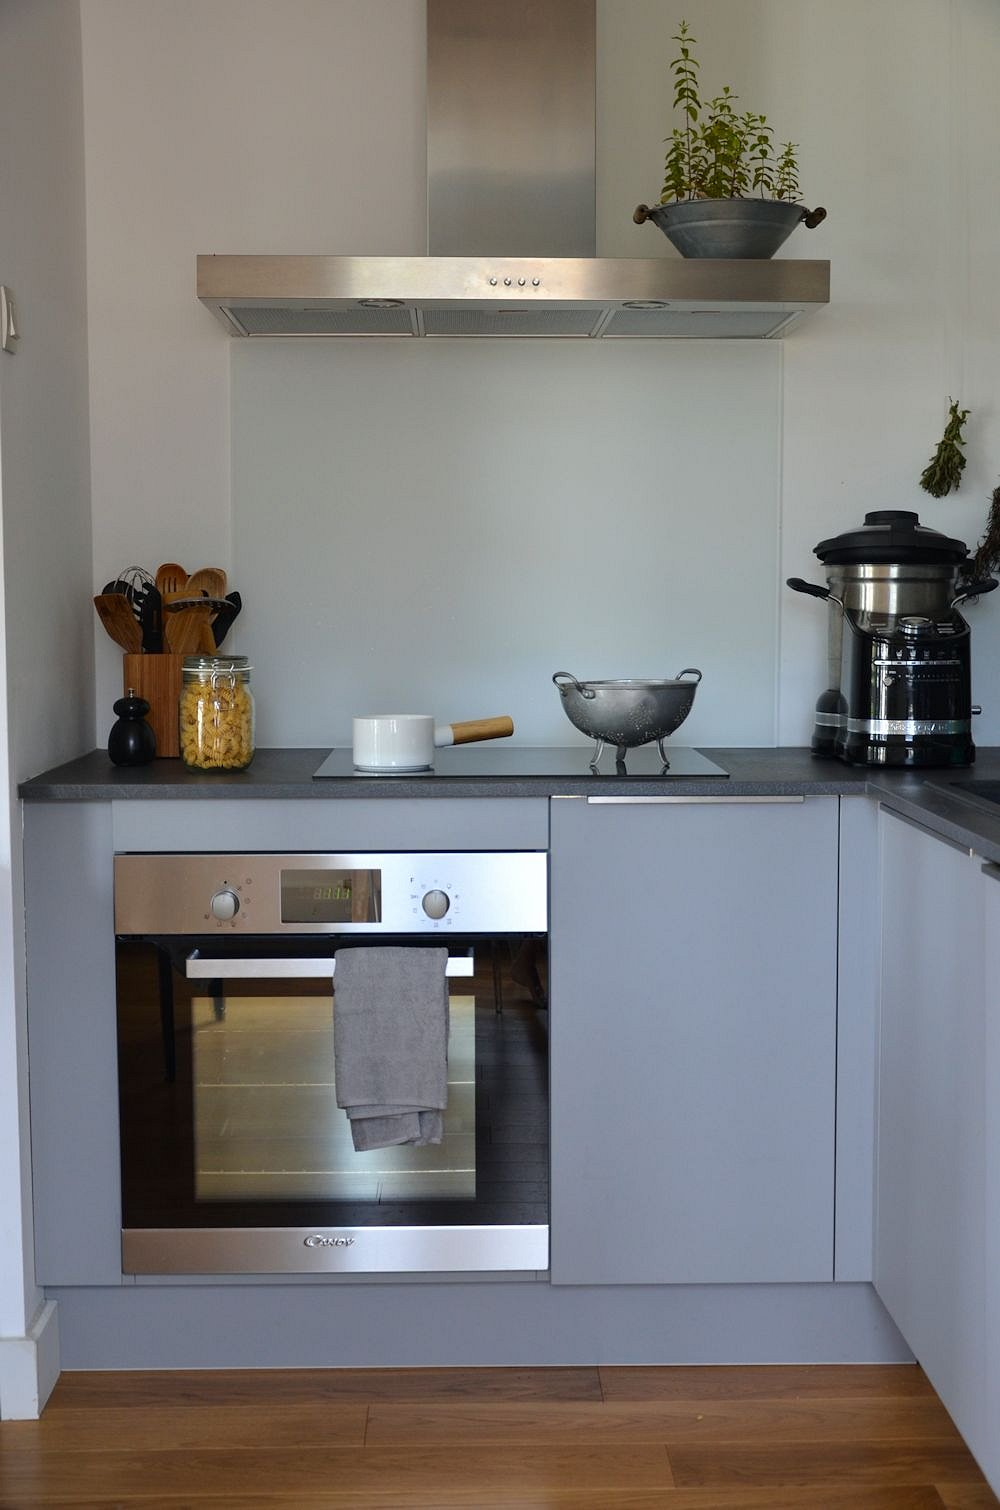 Bienvenue dans ma nouvelle cuisine après rénovation